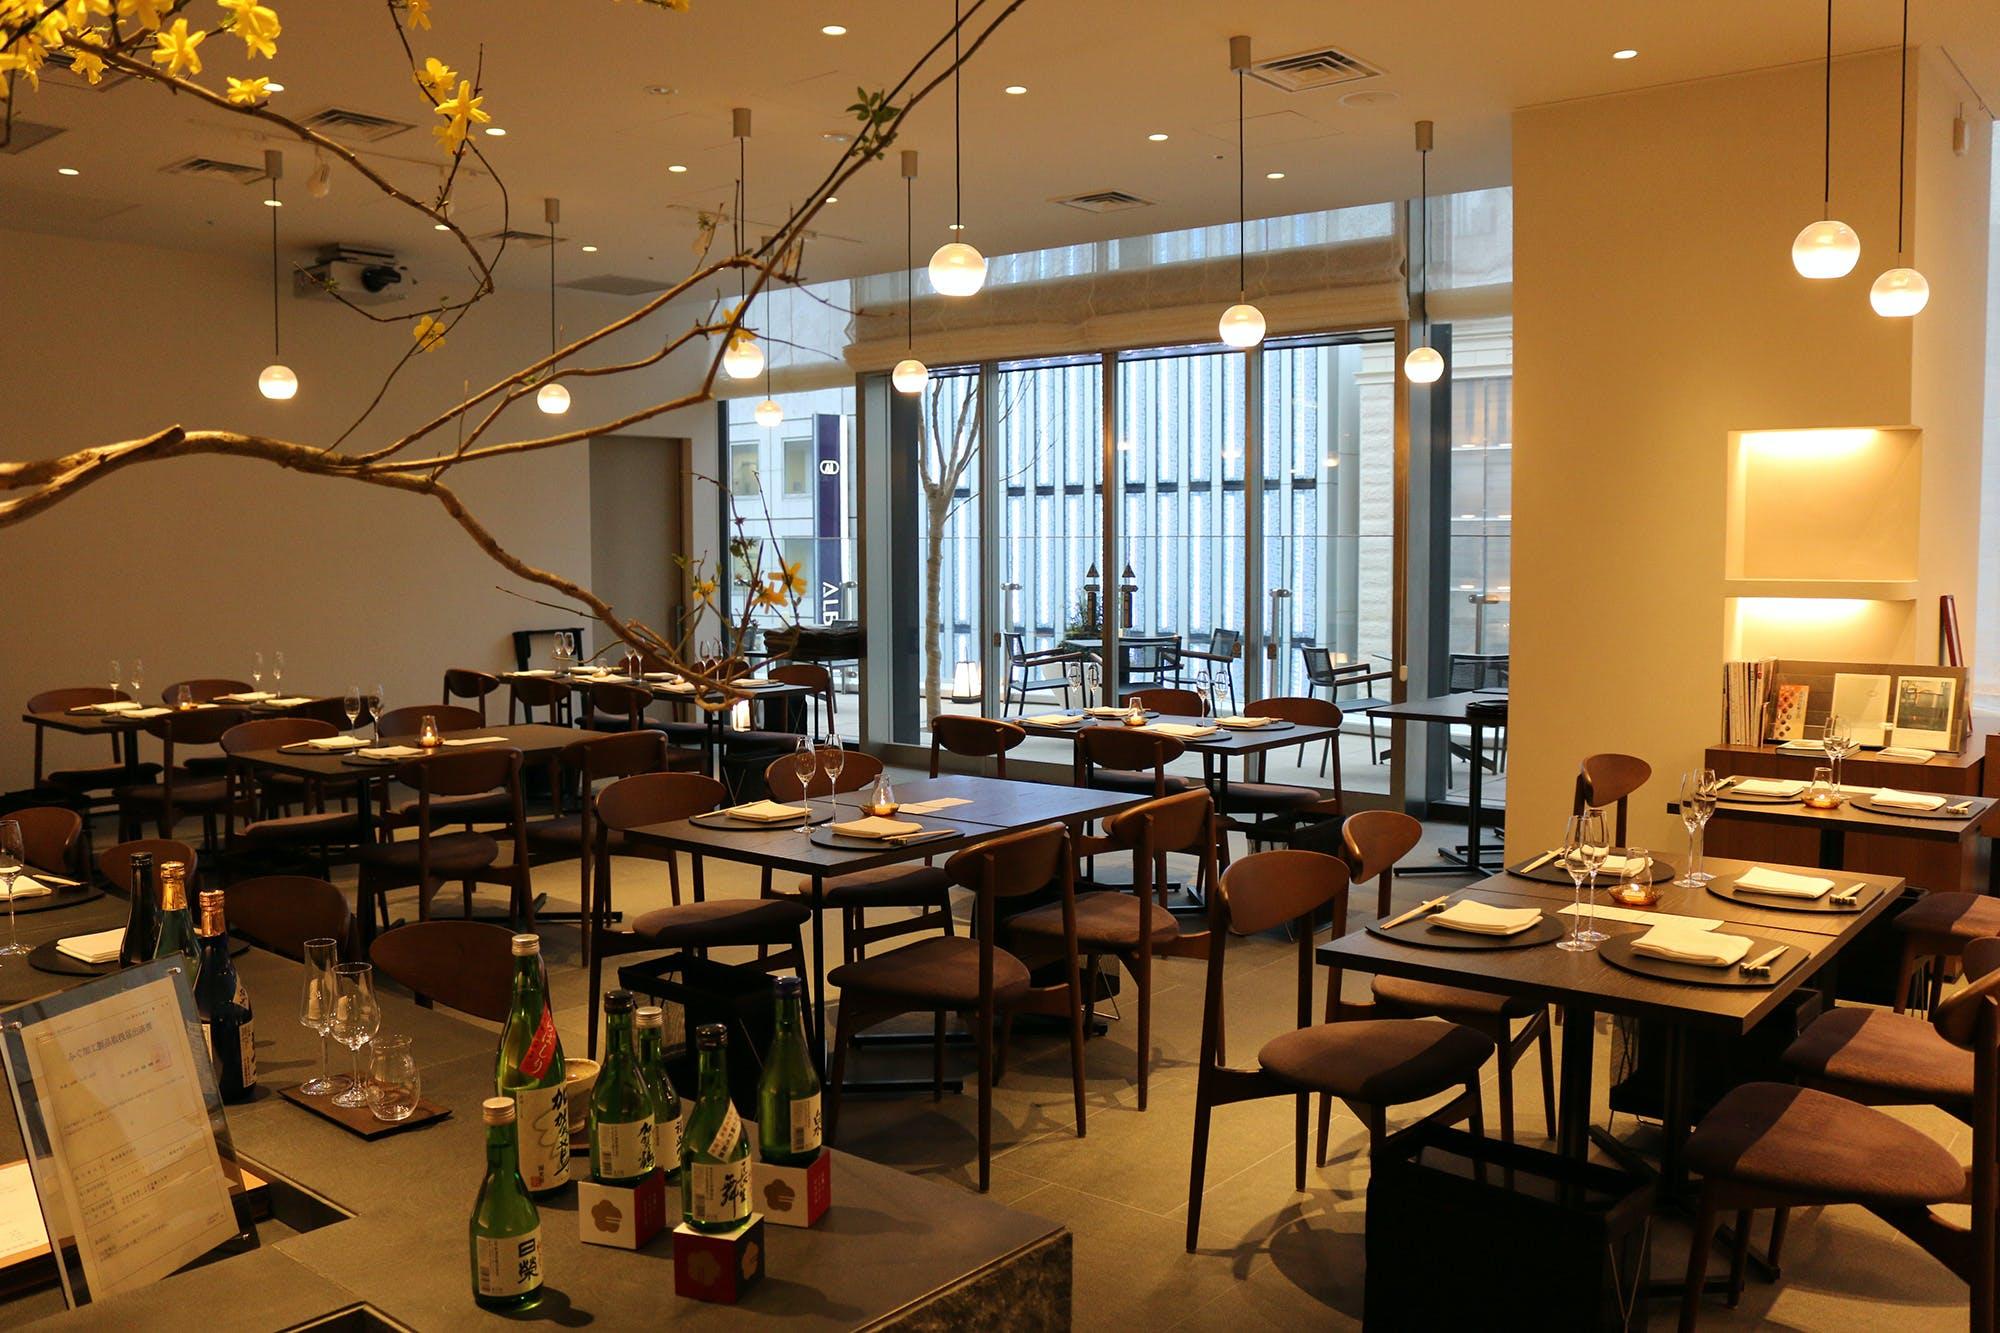 dining gallery ����̋���